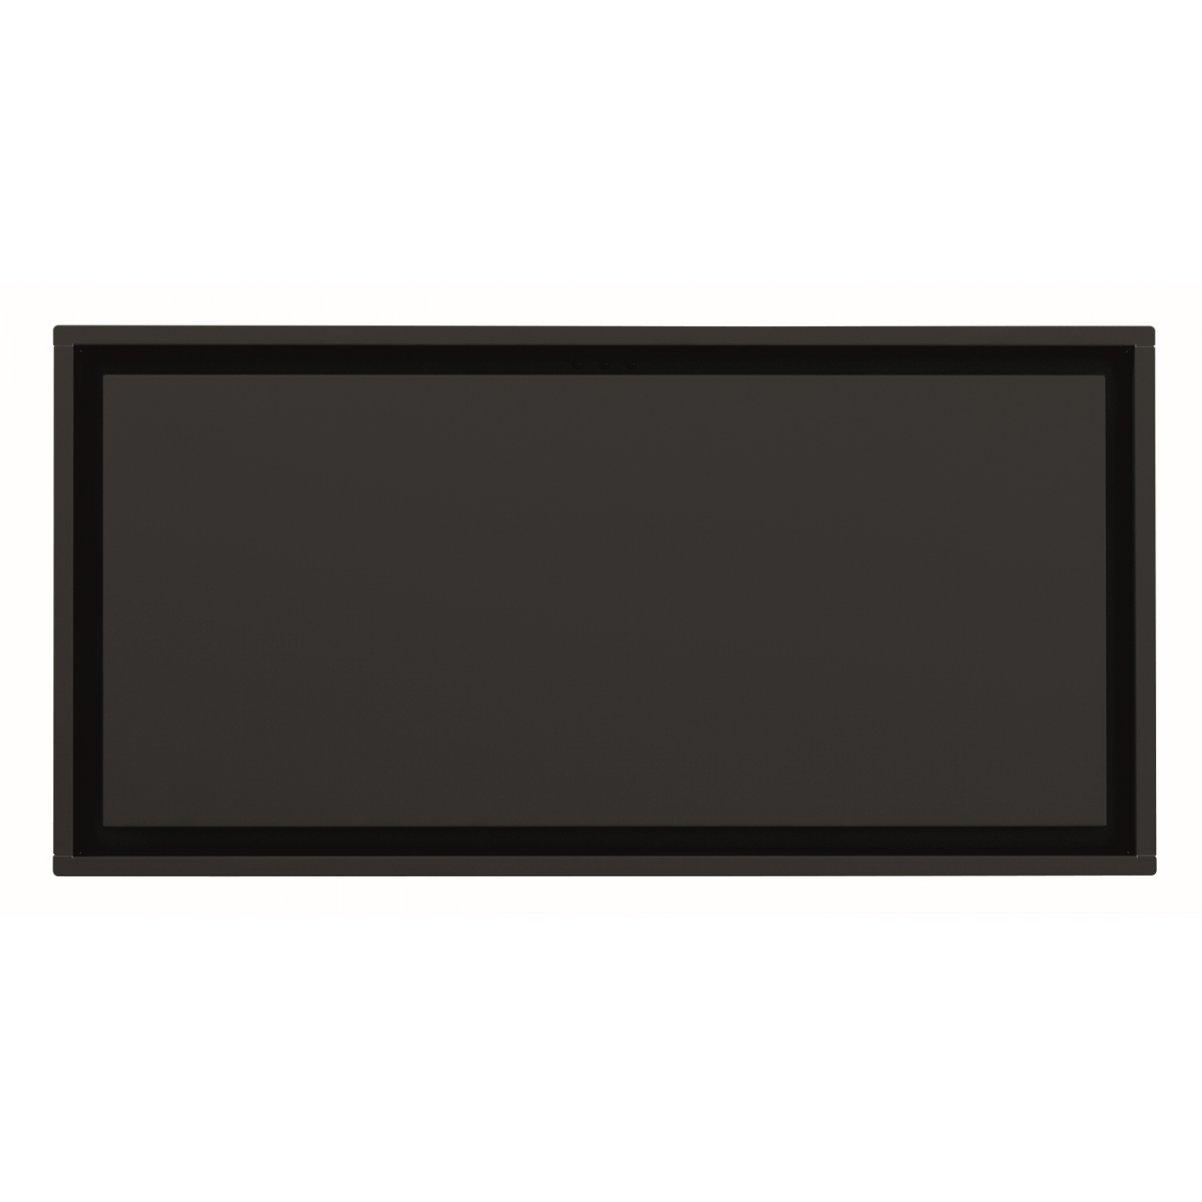 Premium line tak integrerad köksfläkt Swedluxury Pure svart matt  |linjär LED belysning